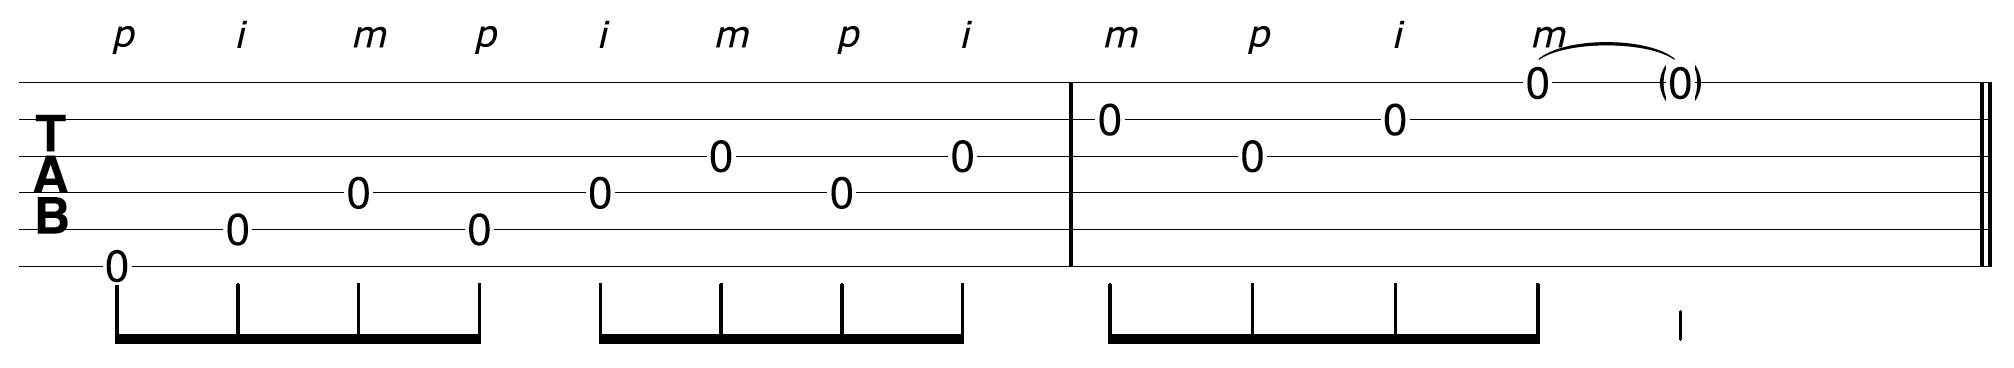 Open String Acoustic Solo Pattern - Forward Banjo Roll 6 Strings